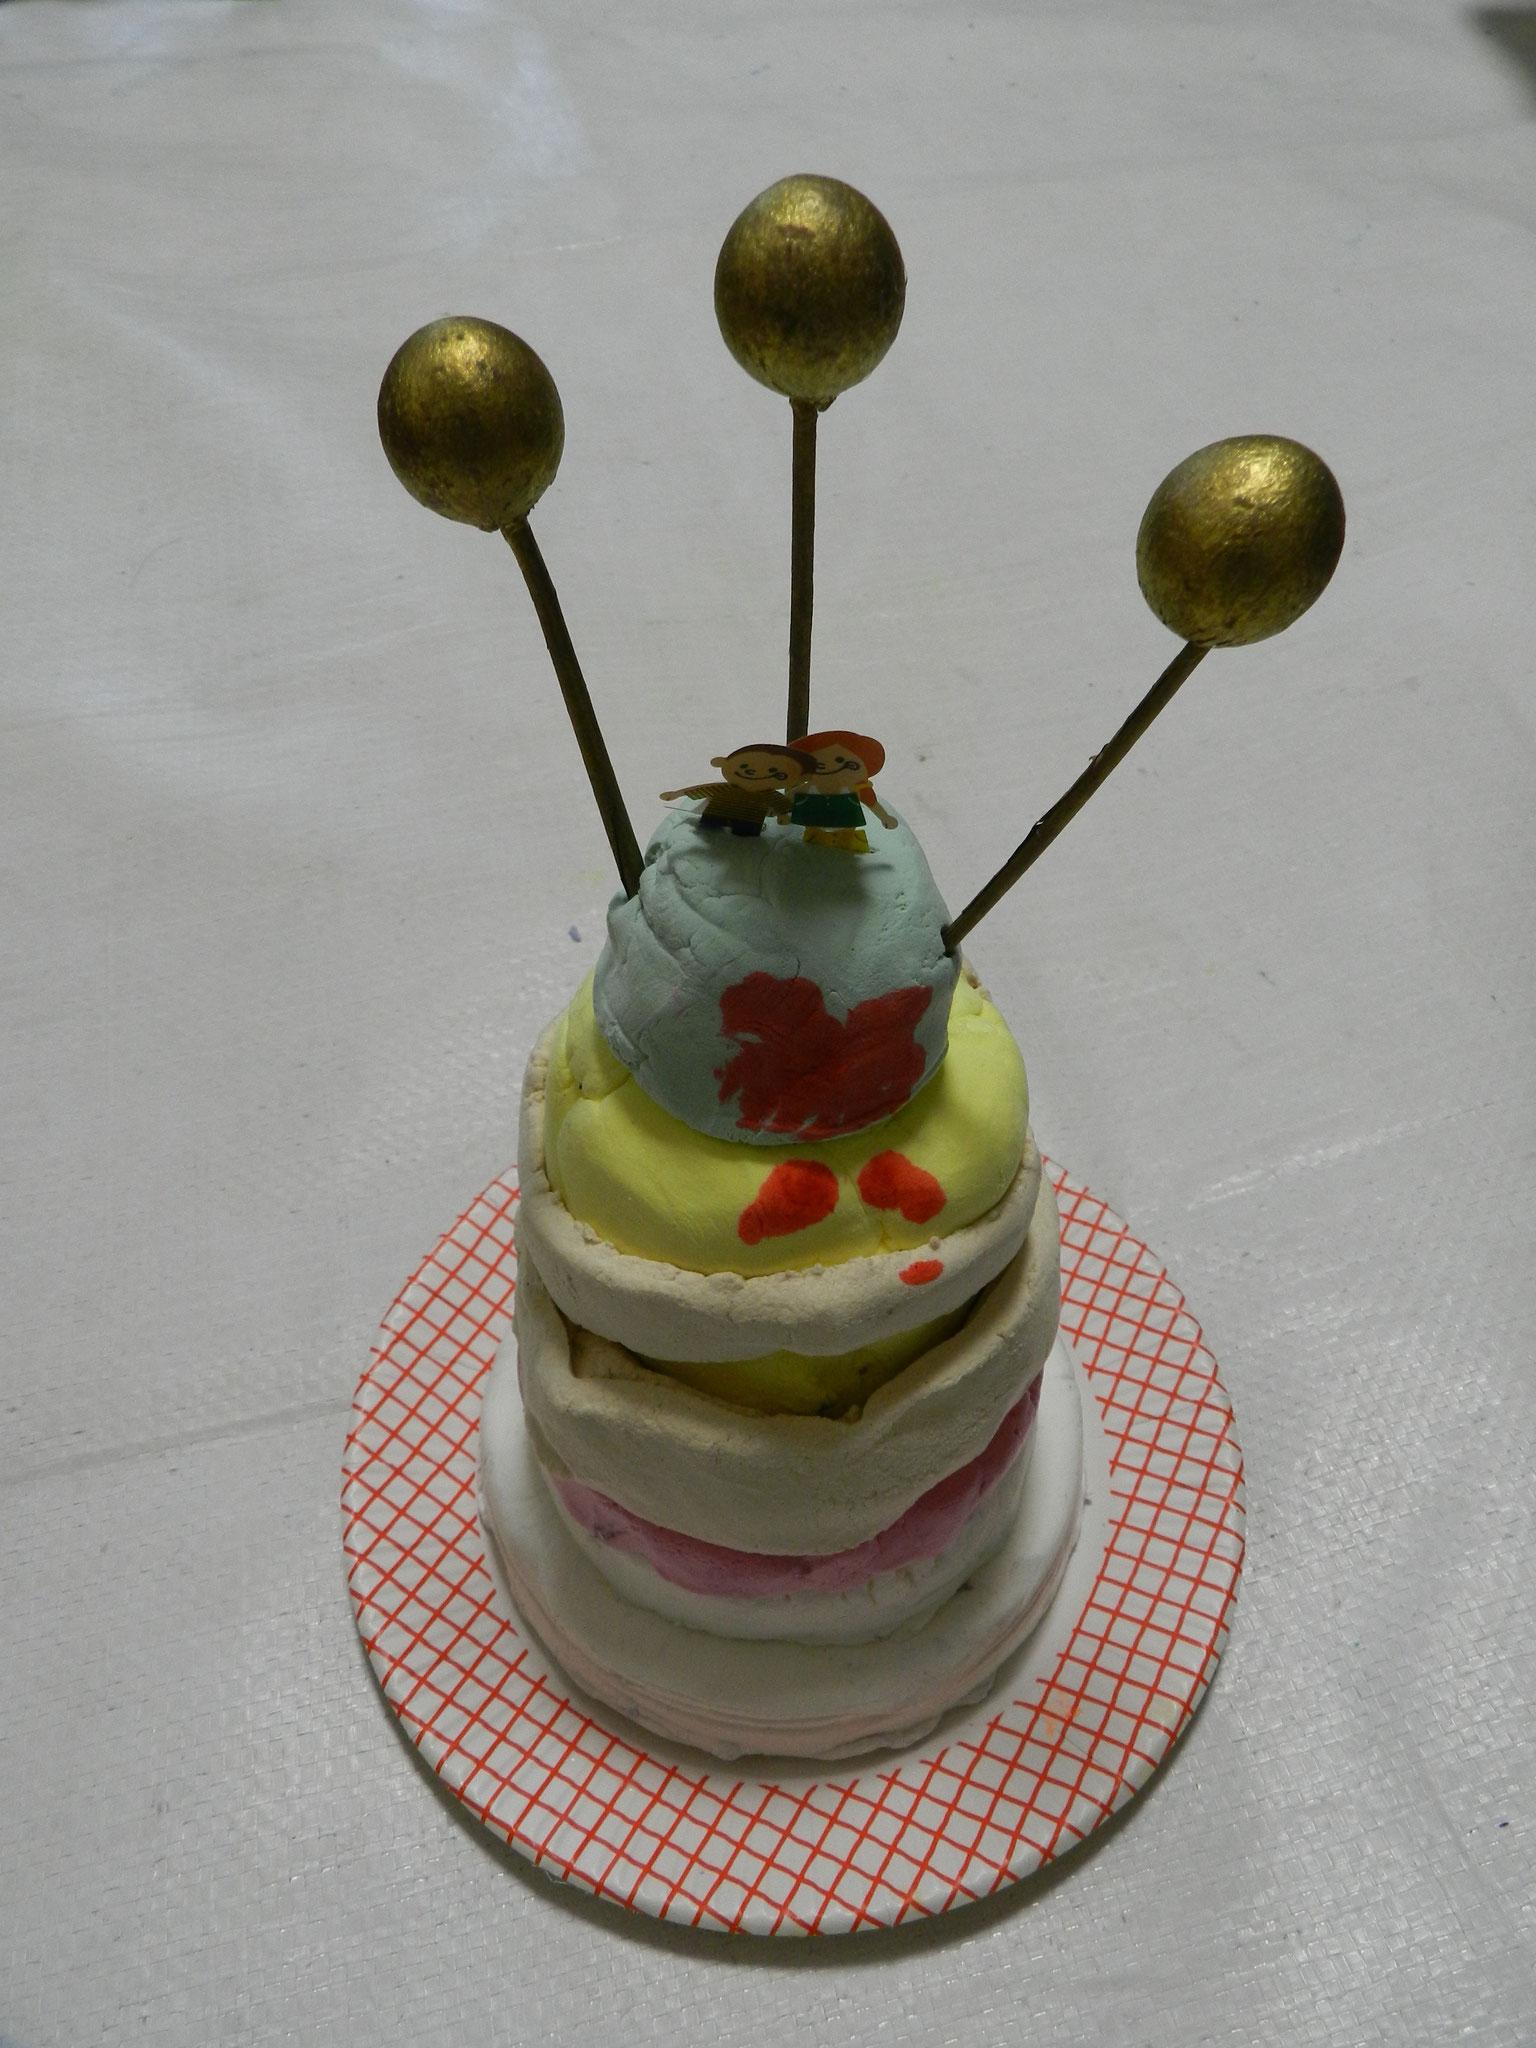 粘土でたか~いケーキを作りました★(小1)